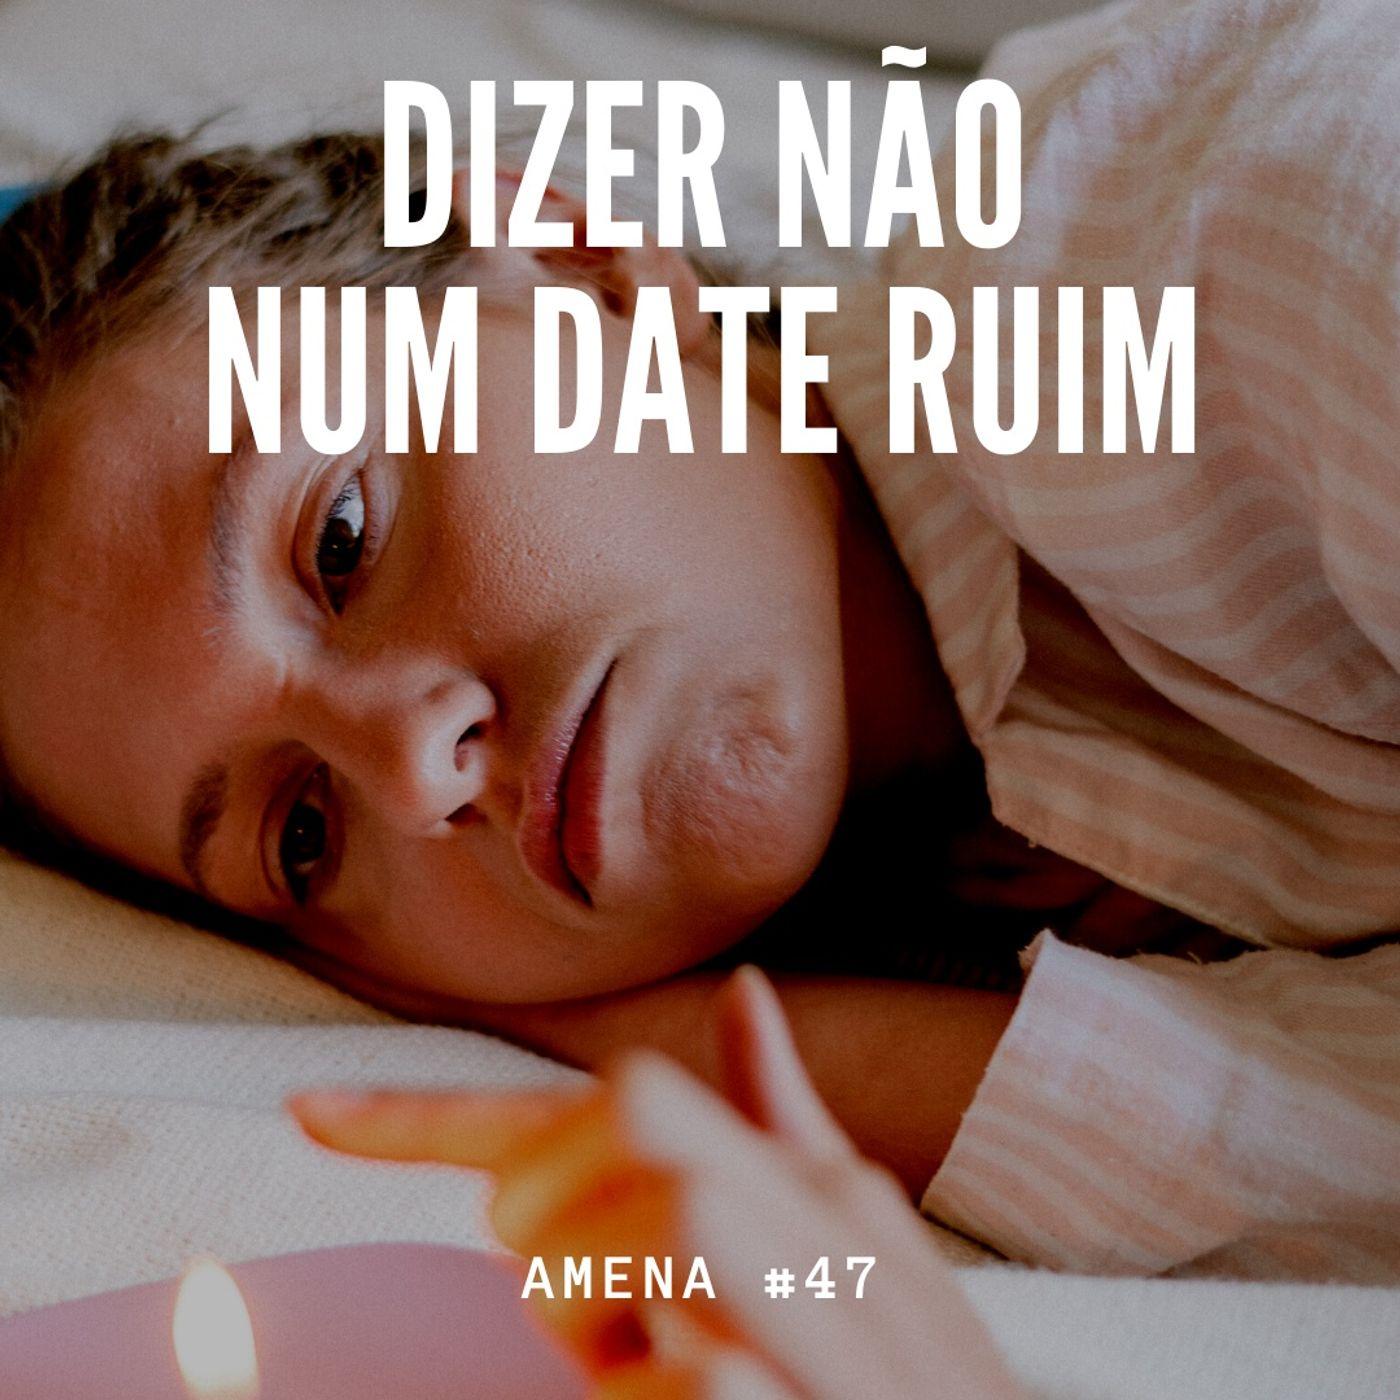 47 - Não beije esta boca! Sobre dates ruins